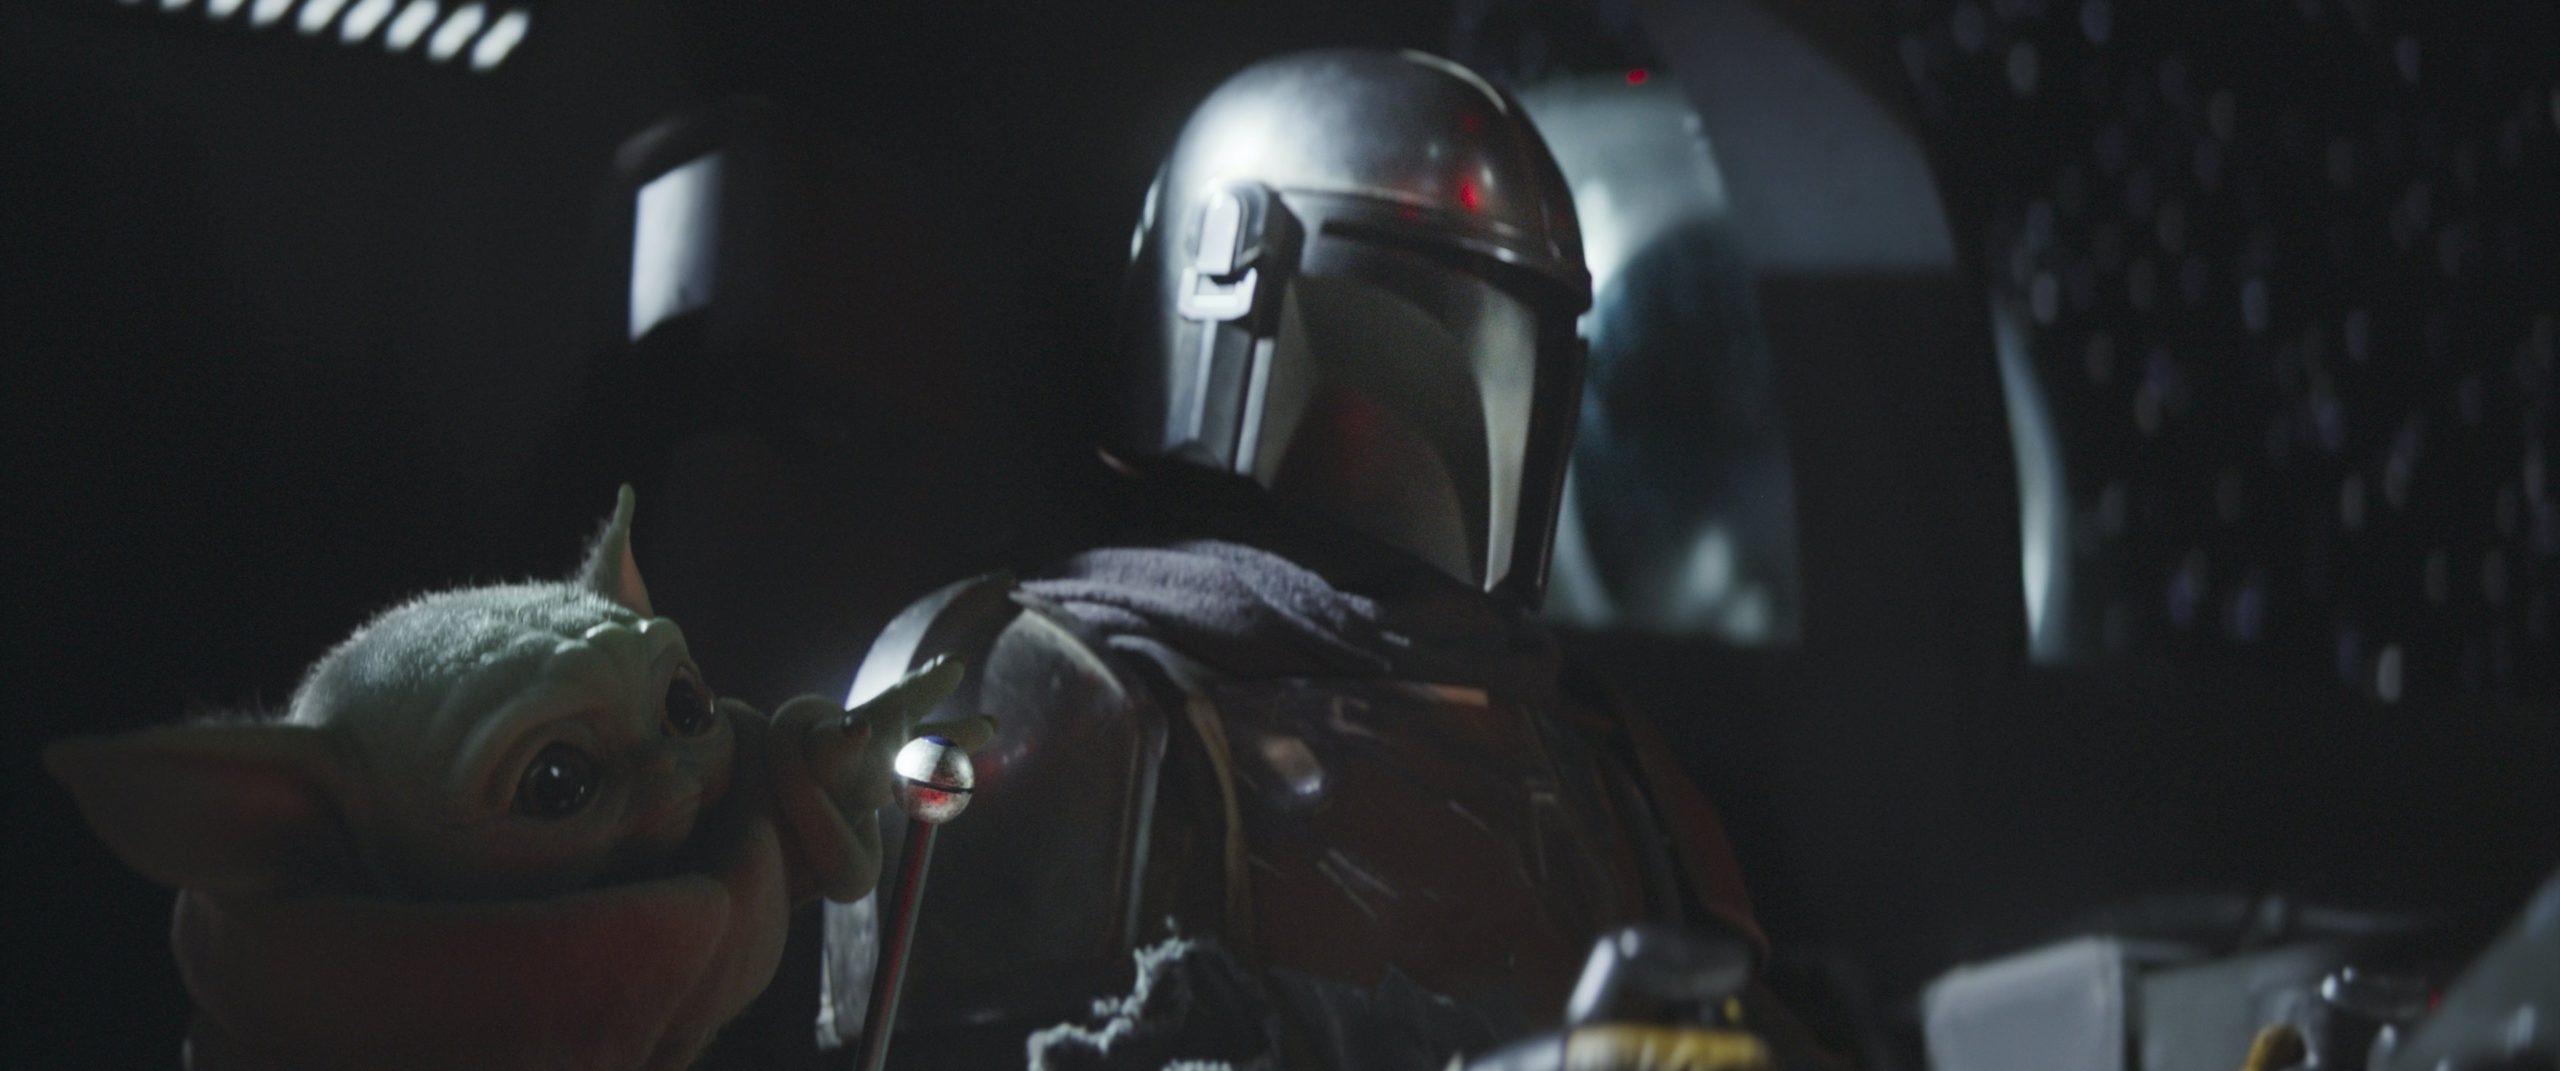 La nouvelle série Disney+ The Mandalorian, qui se déroule dans l'univers de Star Wars, a fait tomber le leader du streaming Stranger Things.